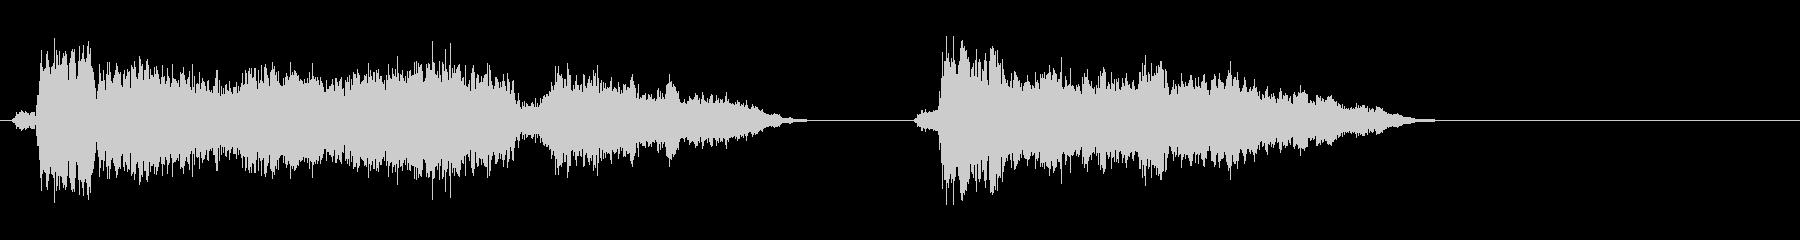 工具 1の未再生の波形